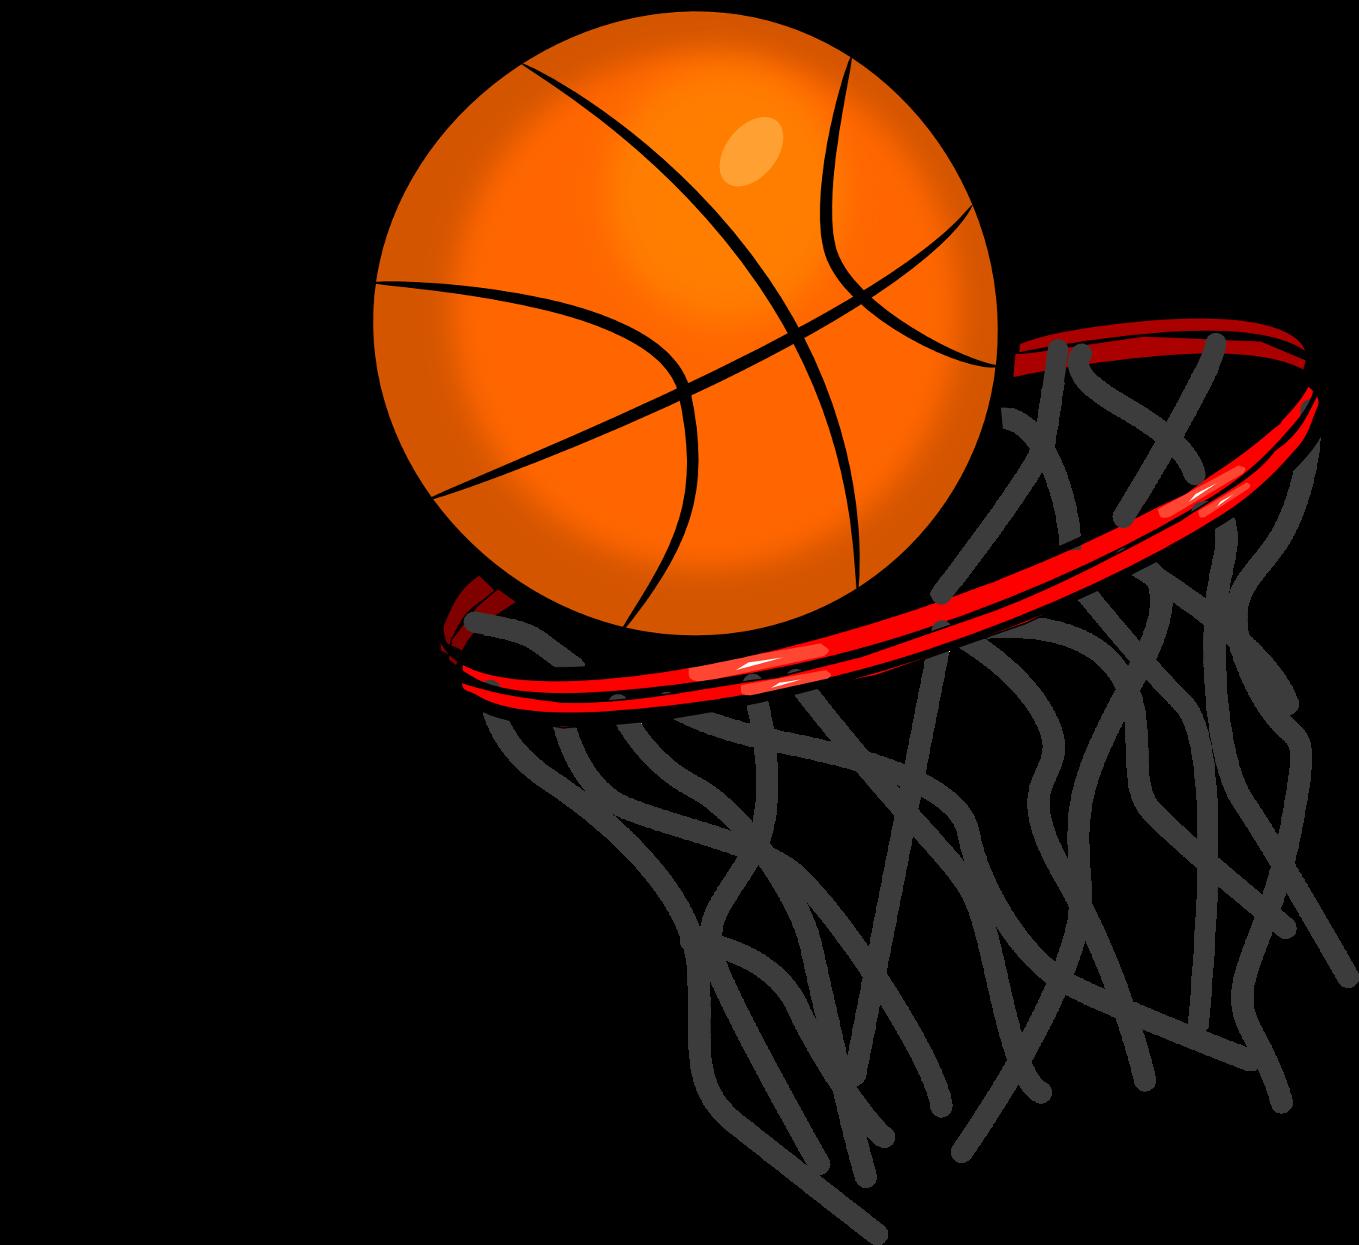 Clipart santa basketball. Of a clipartmonk free